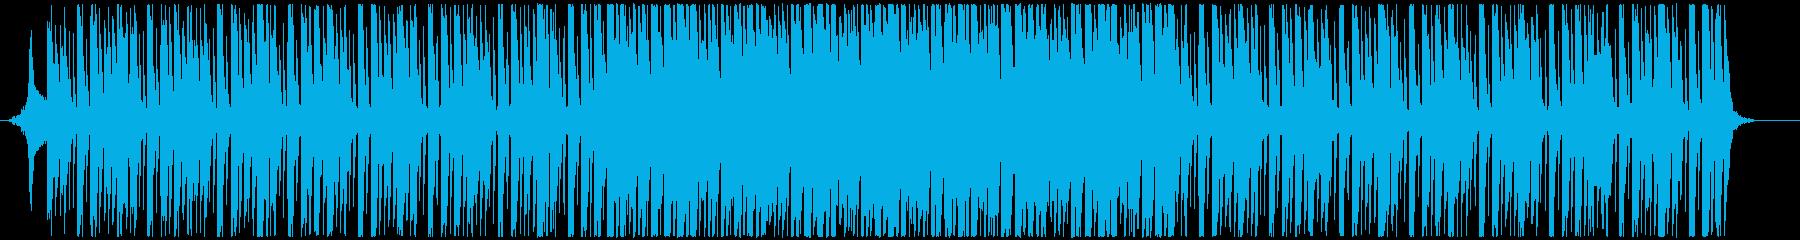 可愛くポップなダンスミュージック(短めの再生済みの波形